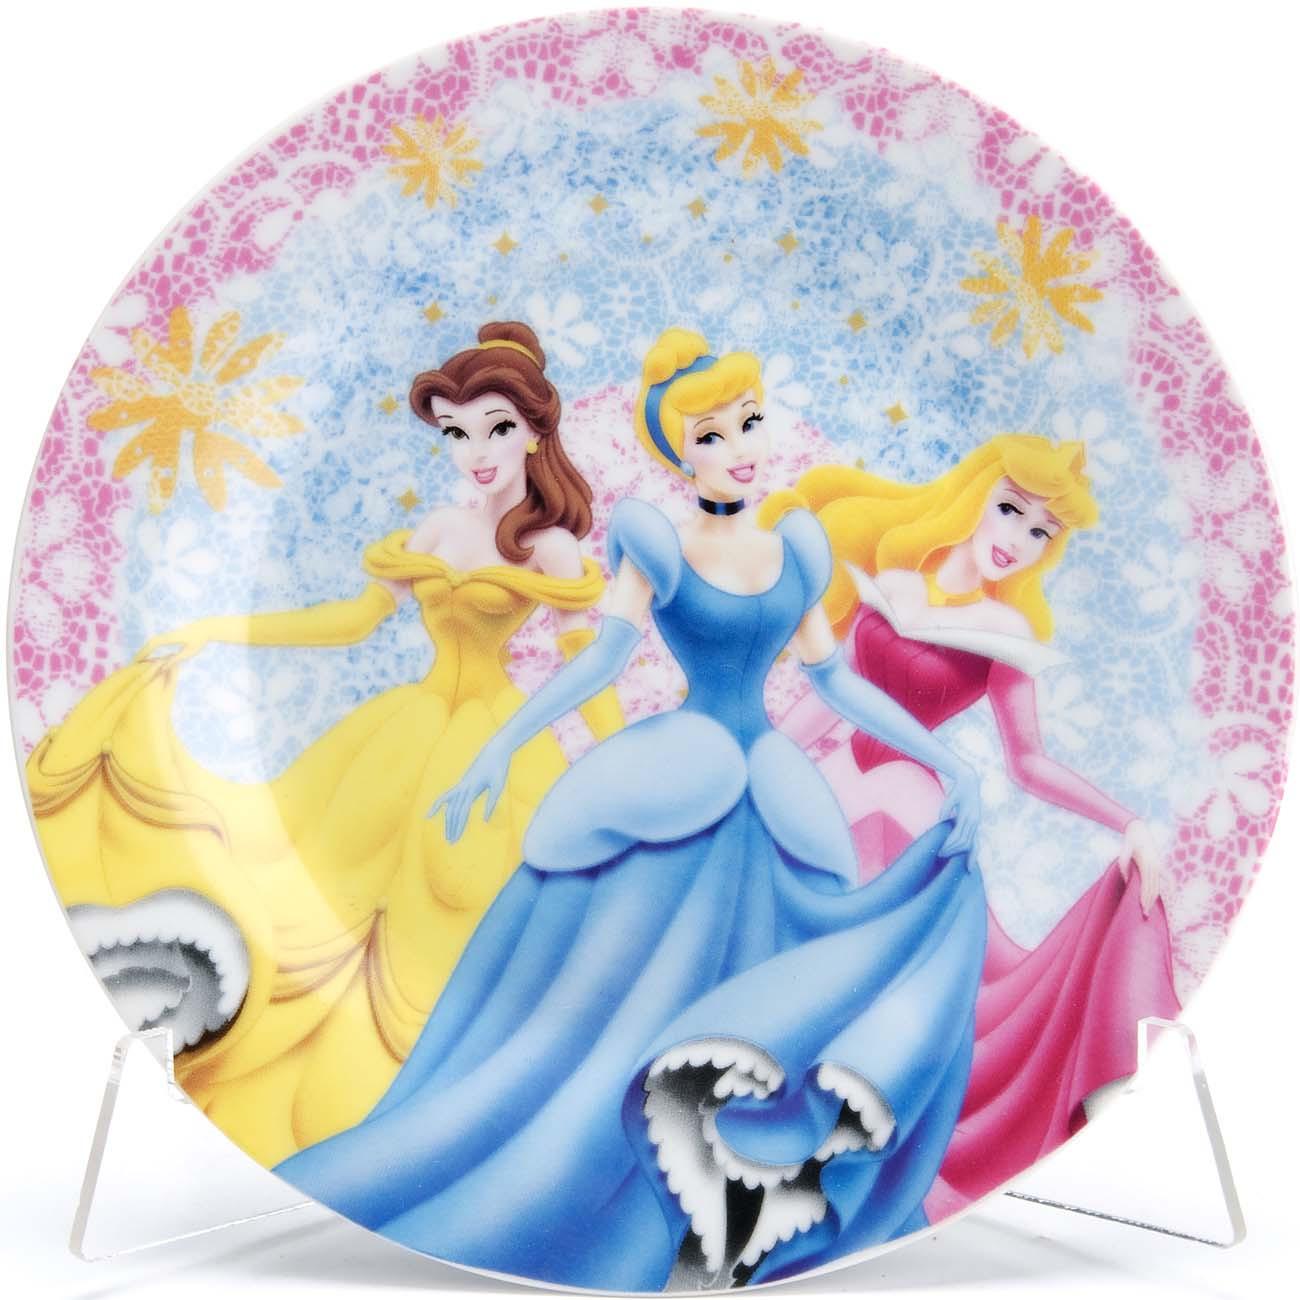 """Набор детской посуды Loraine """"Принцесса"""", цвет: голубой, розовый, желтый, 3 предмета. 33309"""